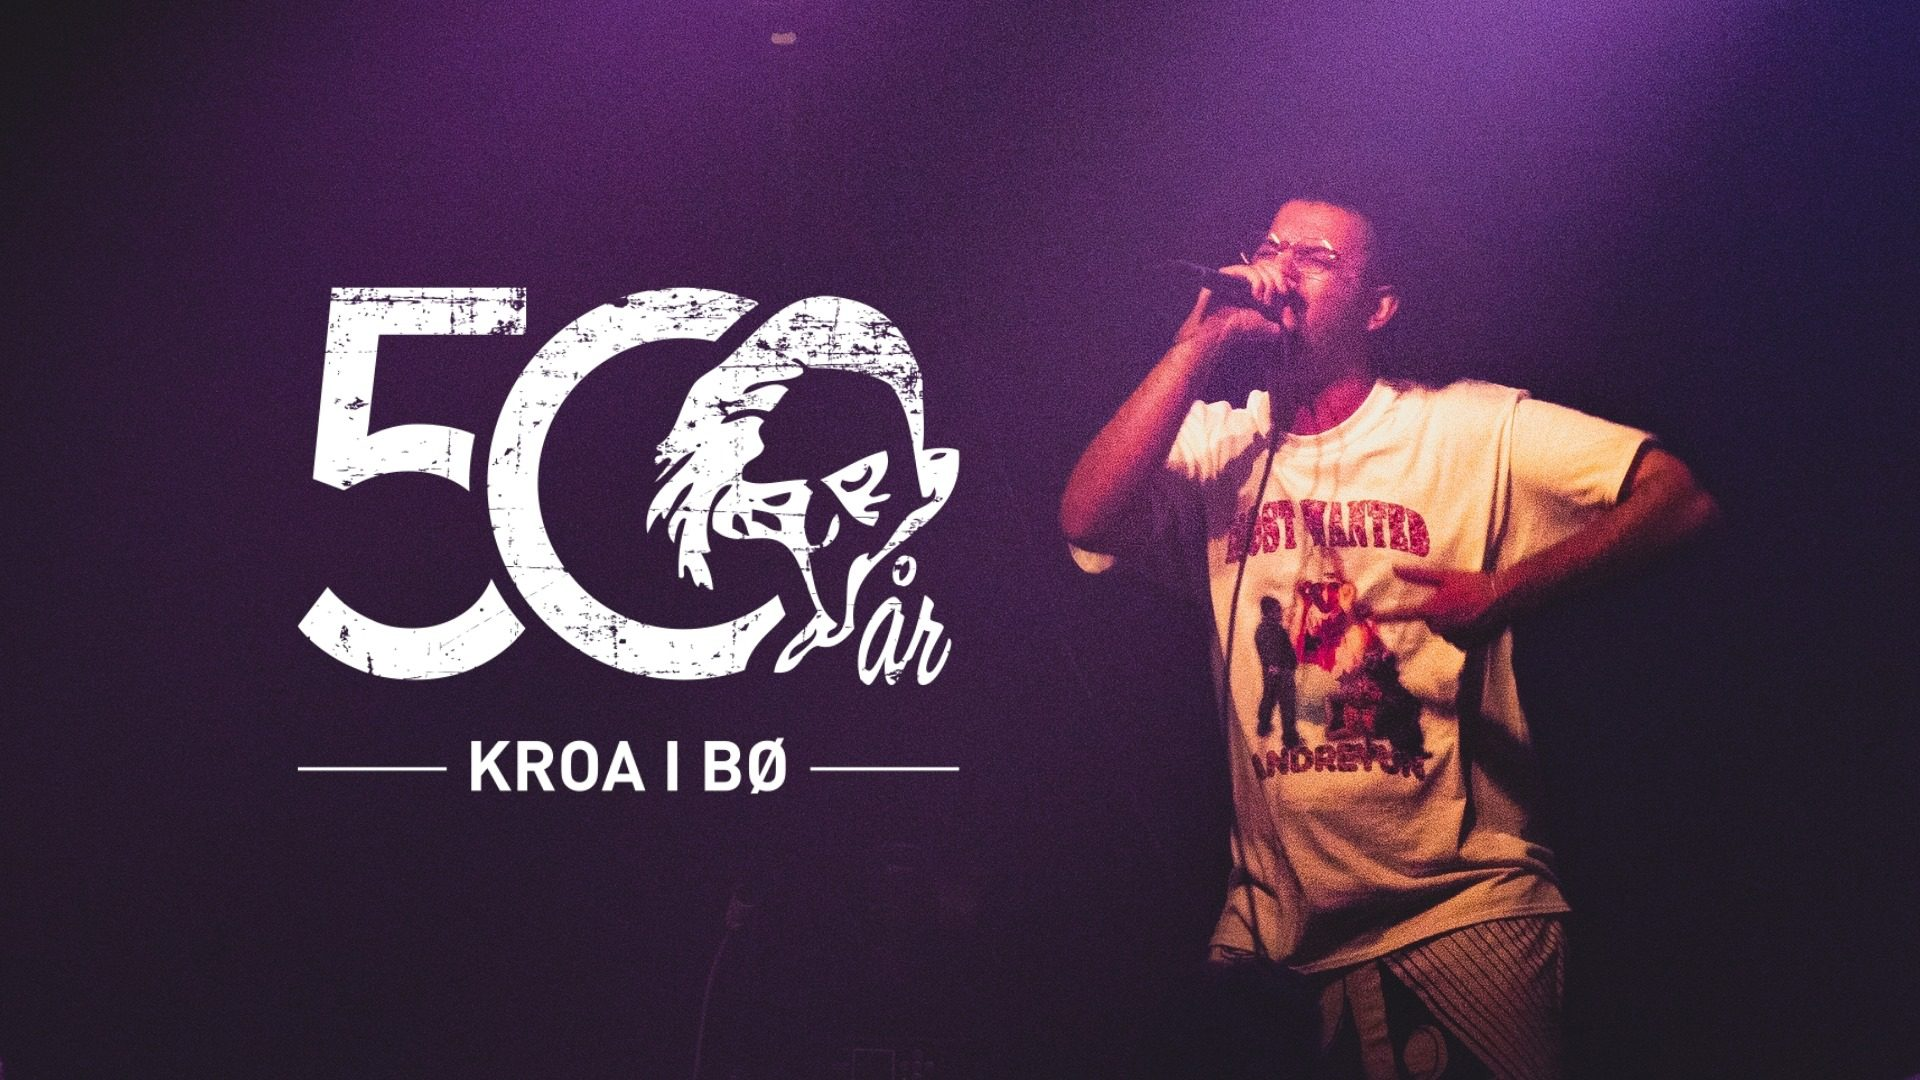 Kroa konsert med logo